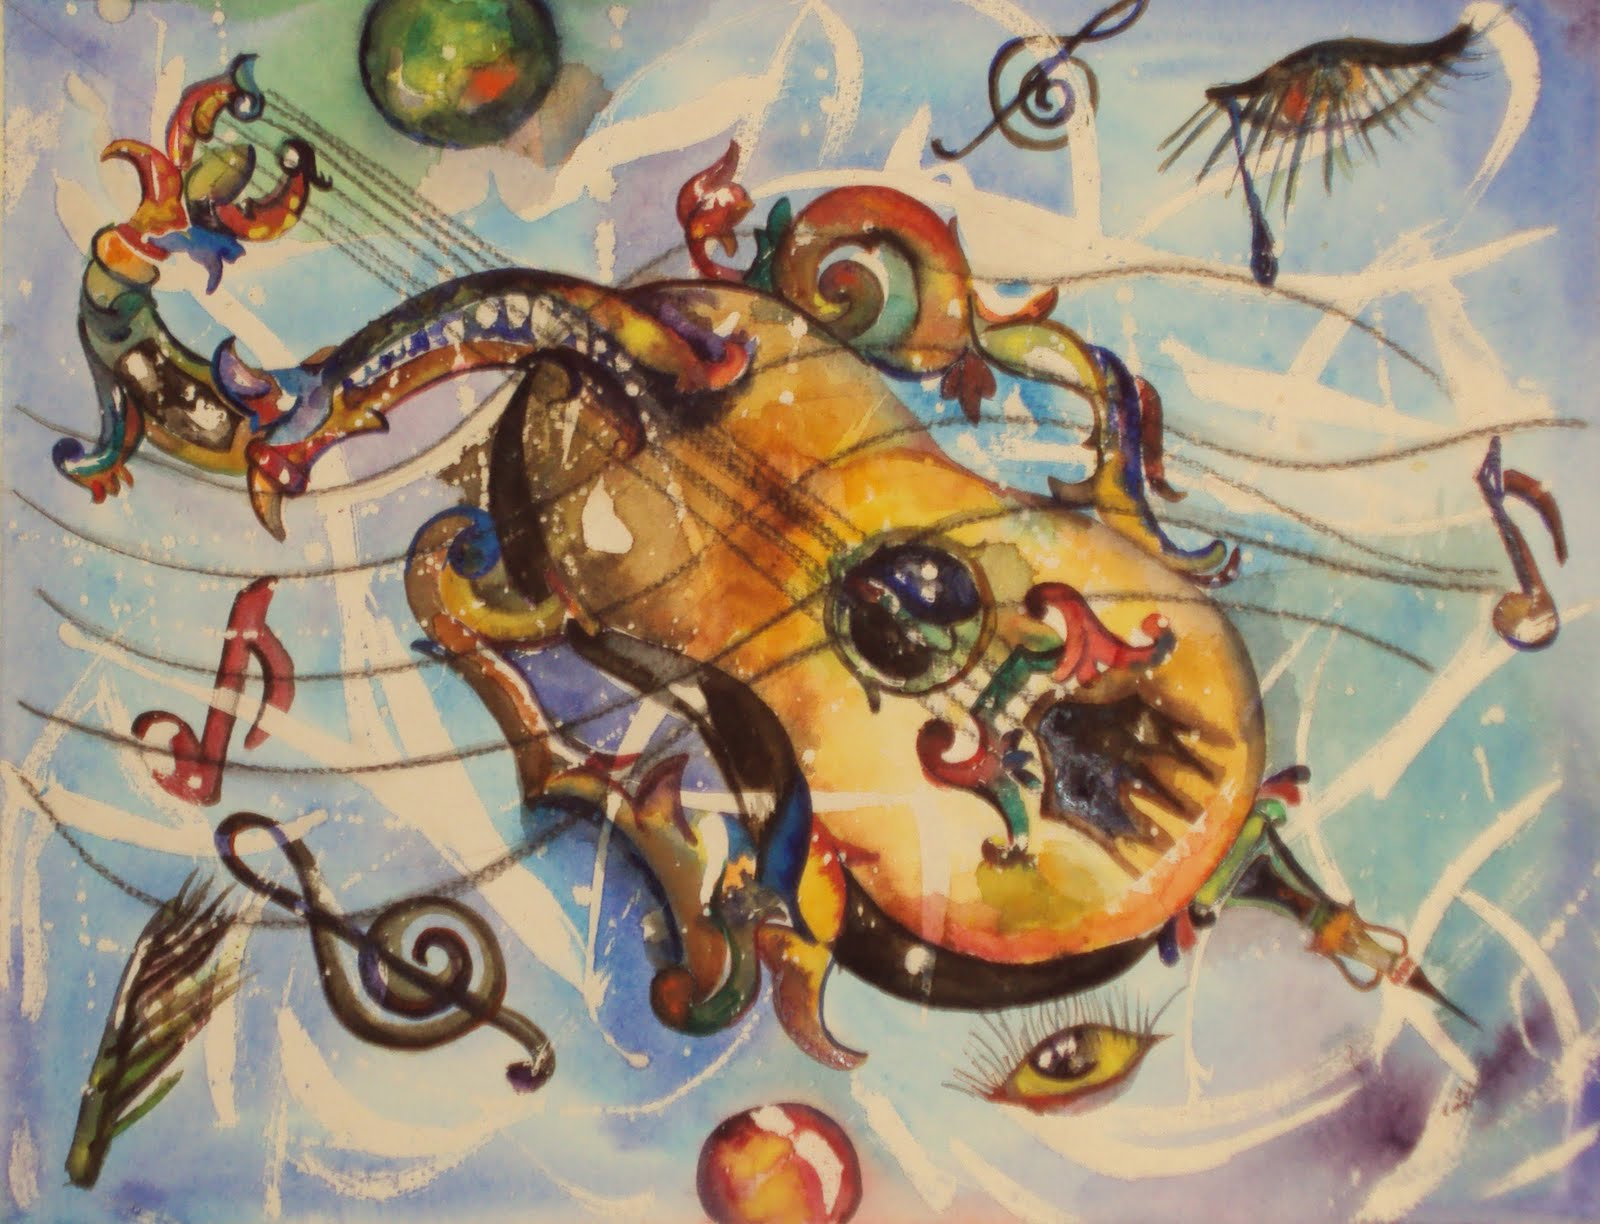 LeeME: El Arte Es La Expresión De Alma Que Desea Ser